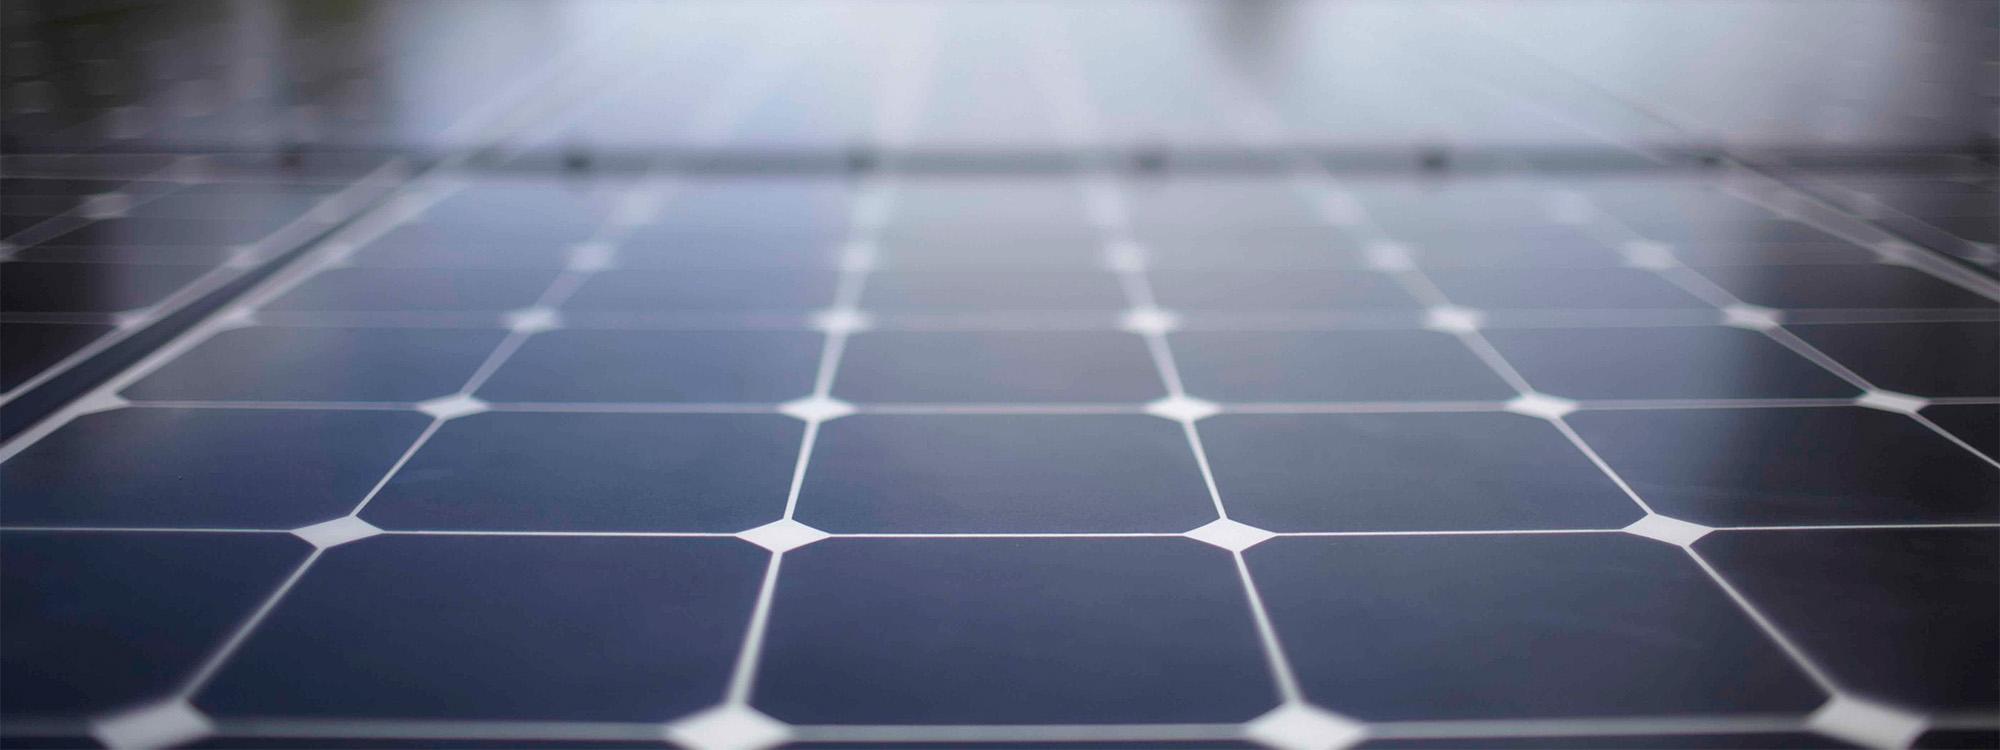 SunPower Solar Panel Array